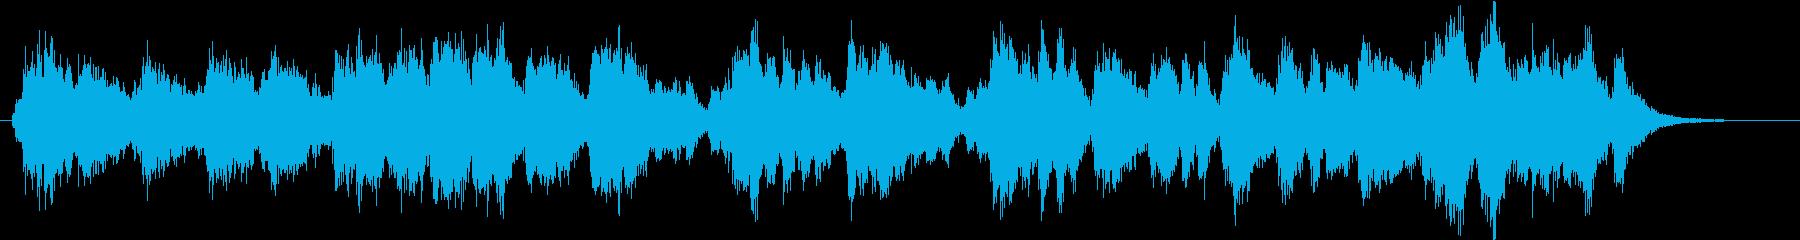 30秒の開会のファンファーレの再生済みの波形